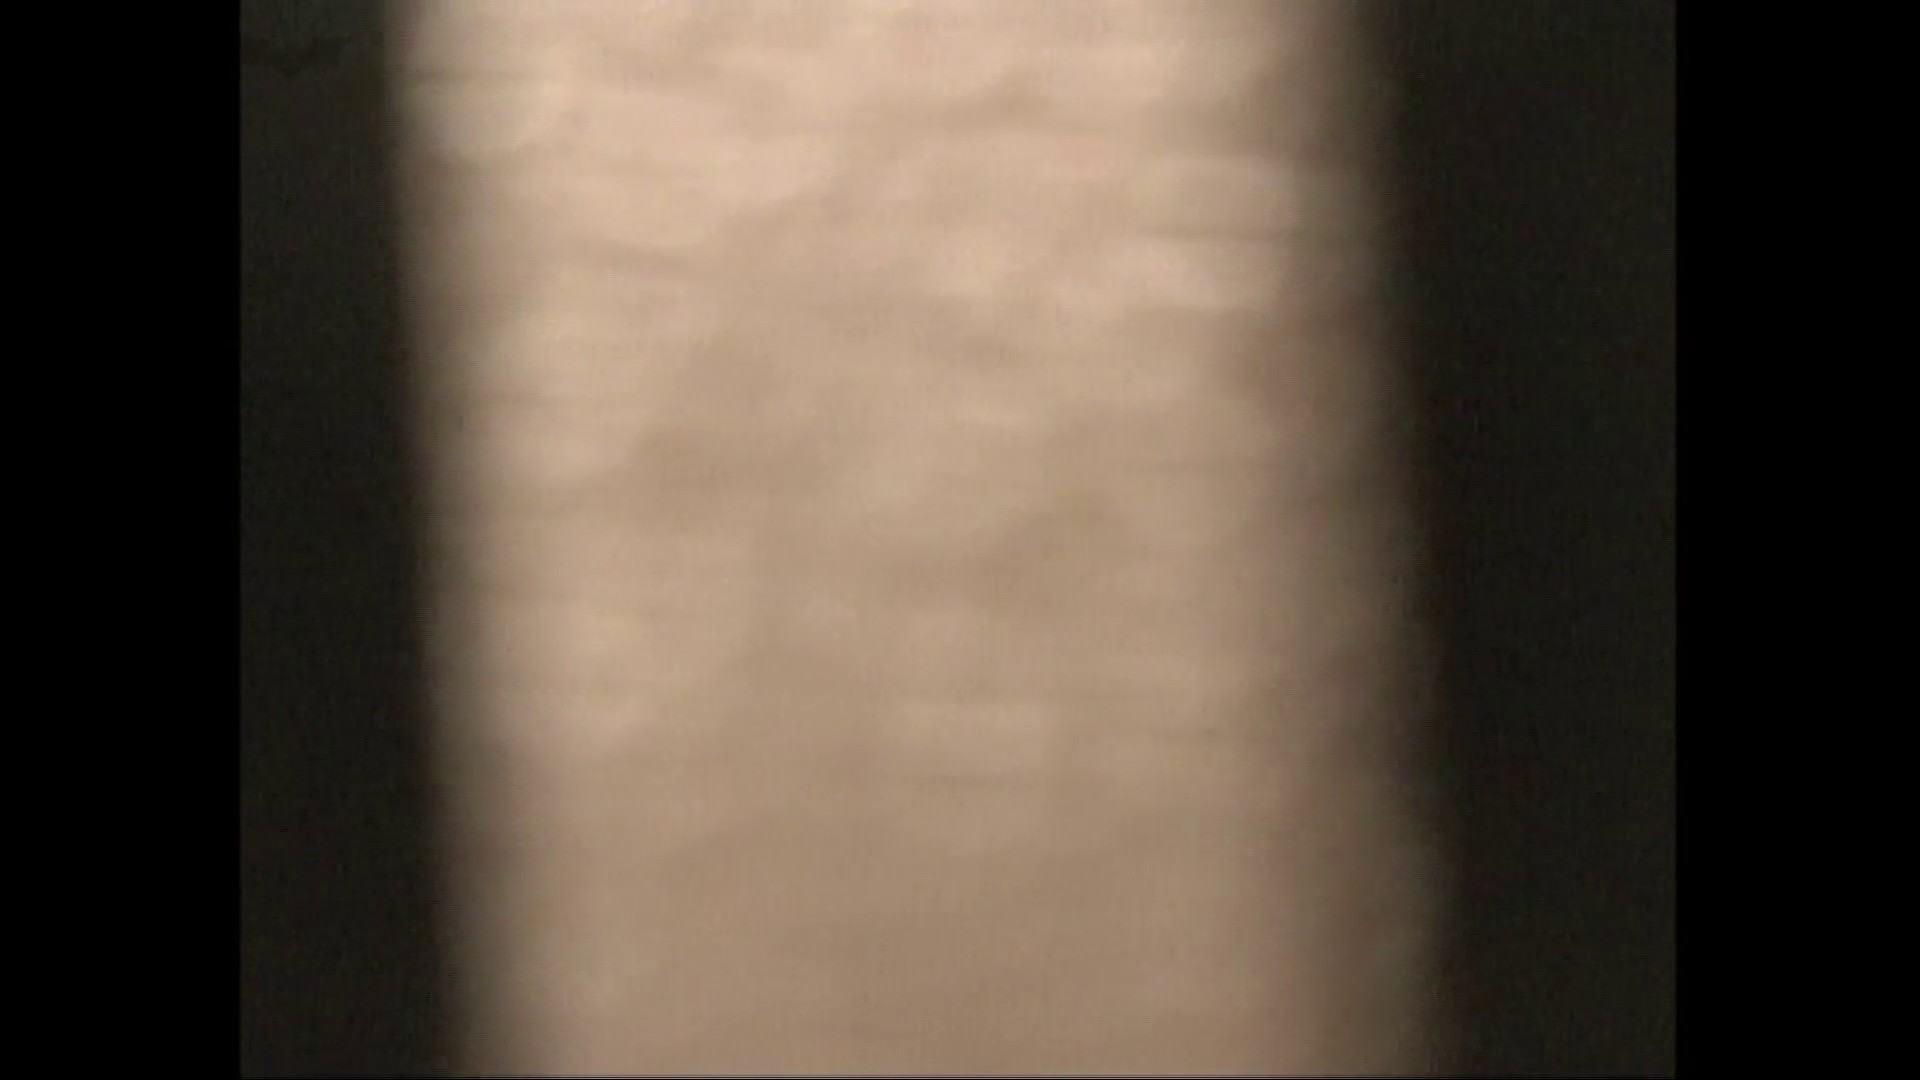 隙間からノゾク風呂 Vol.29 股をグイッとひらいて・・・。 高画質 セックス画像 76枚 23